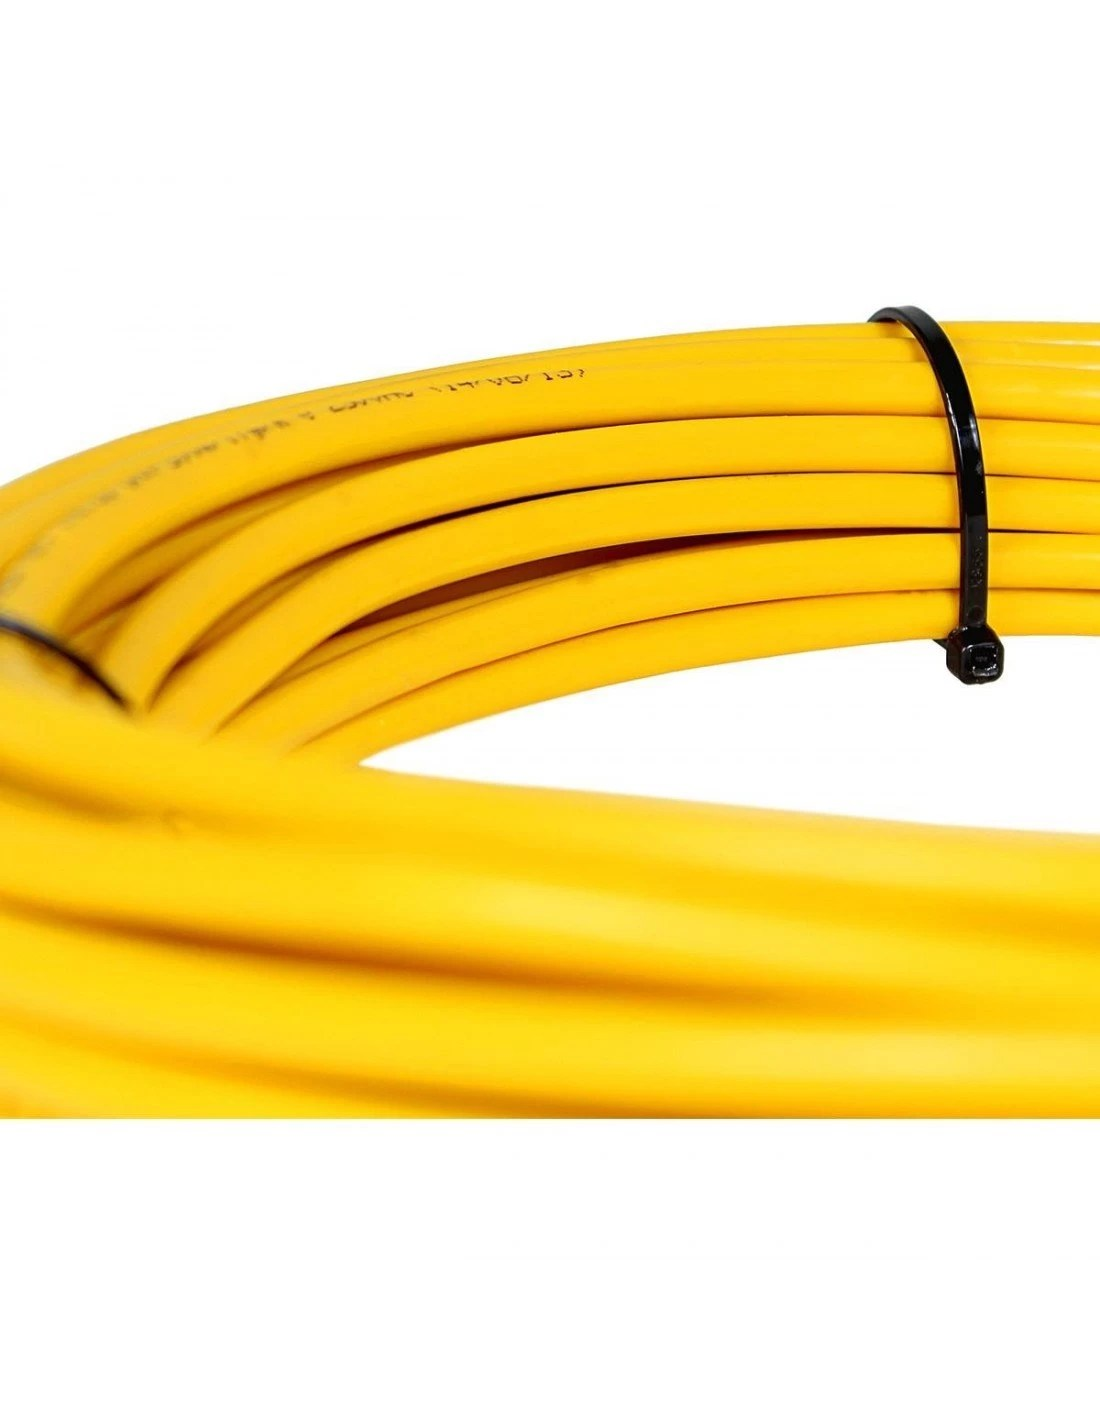 MAGNUM Underfloor Heating Cable 588 m  Wet Rooms Design